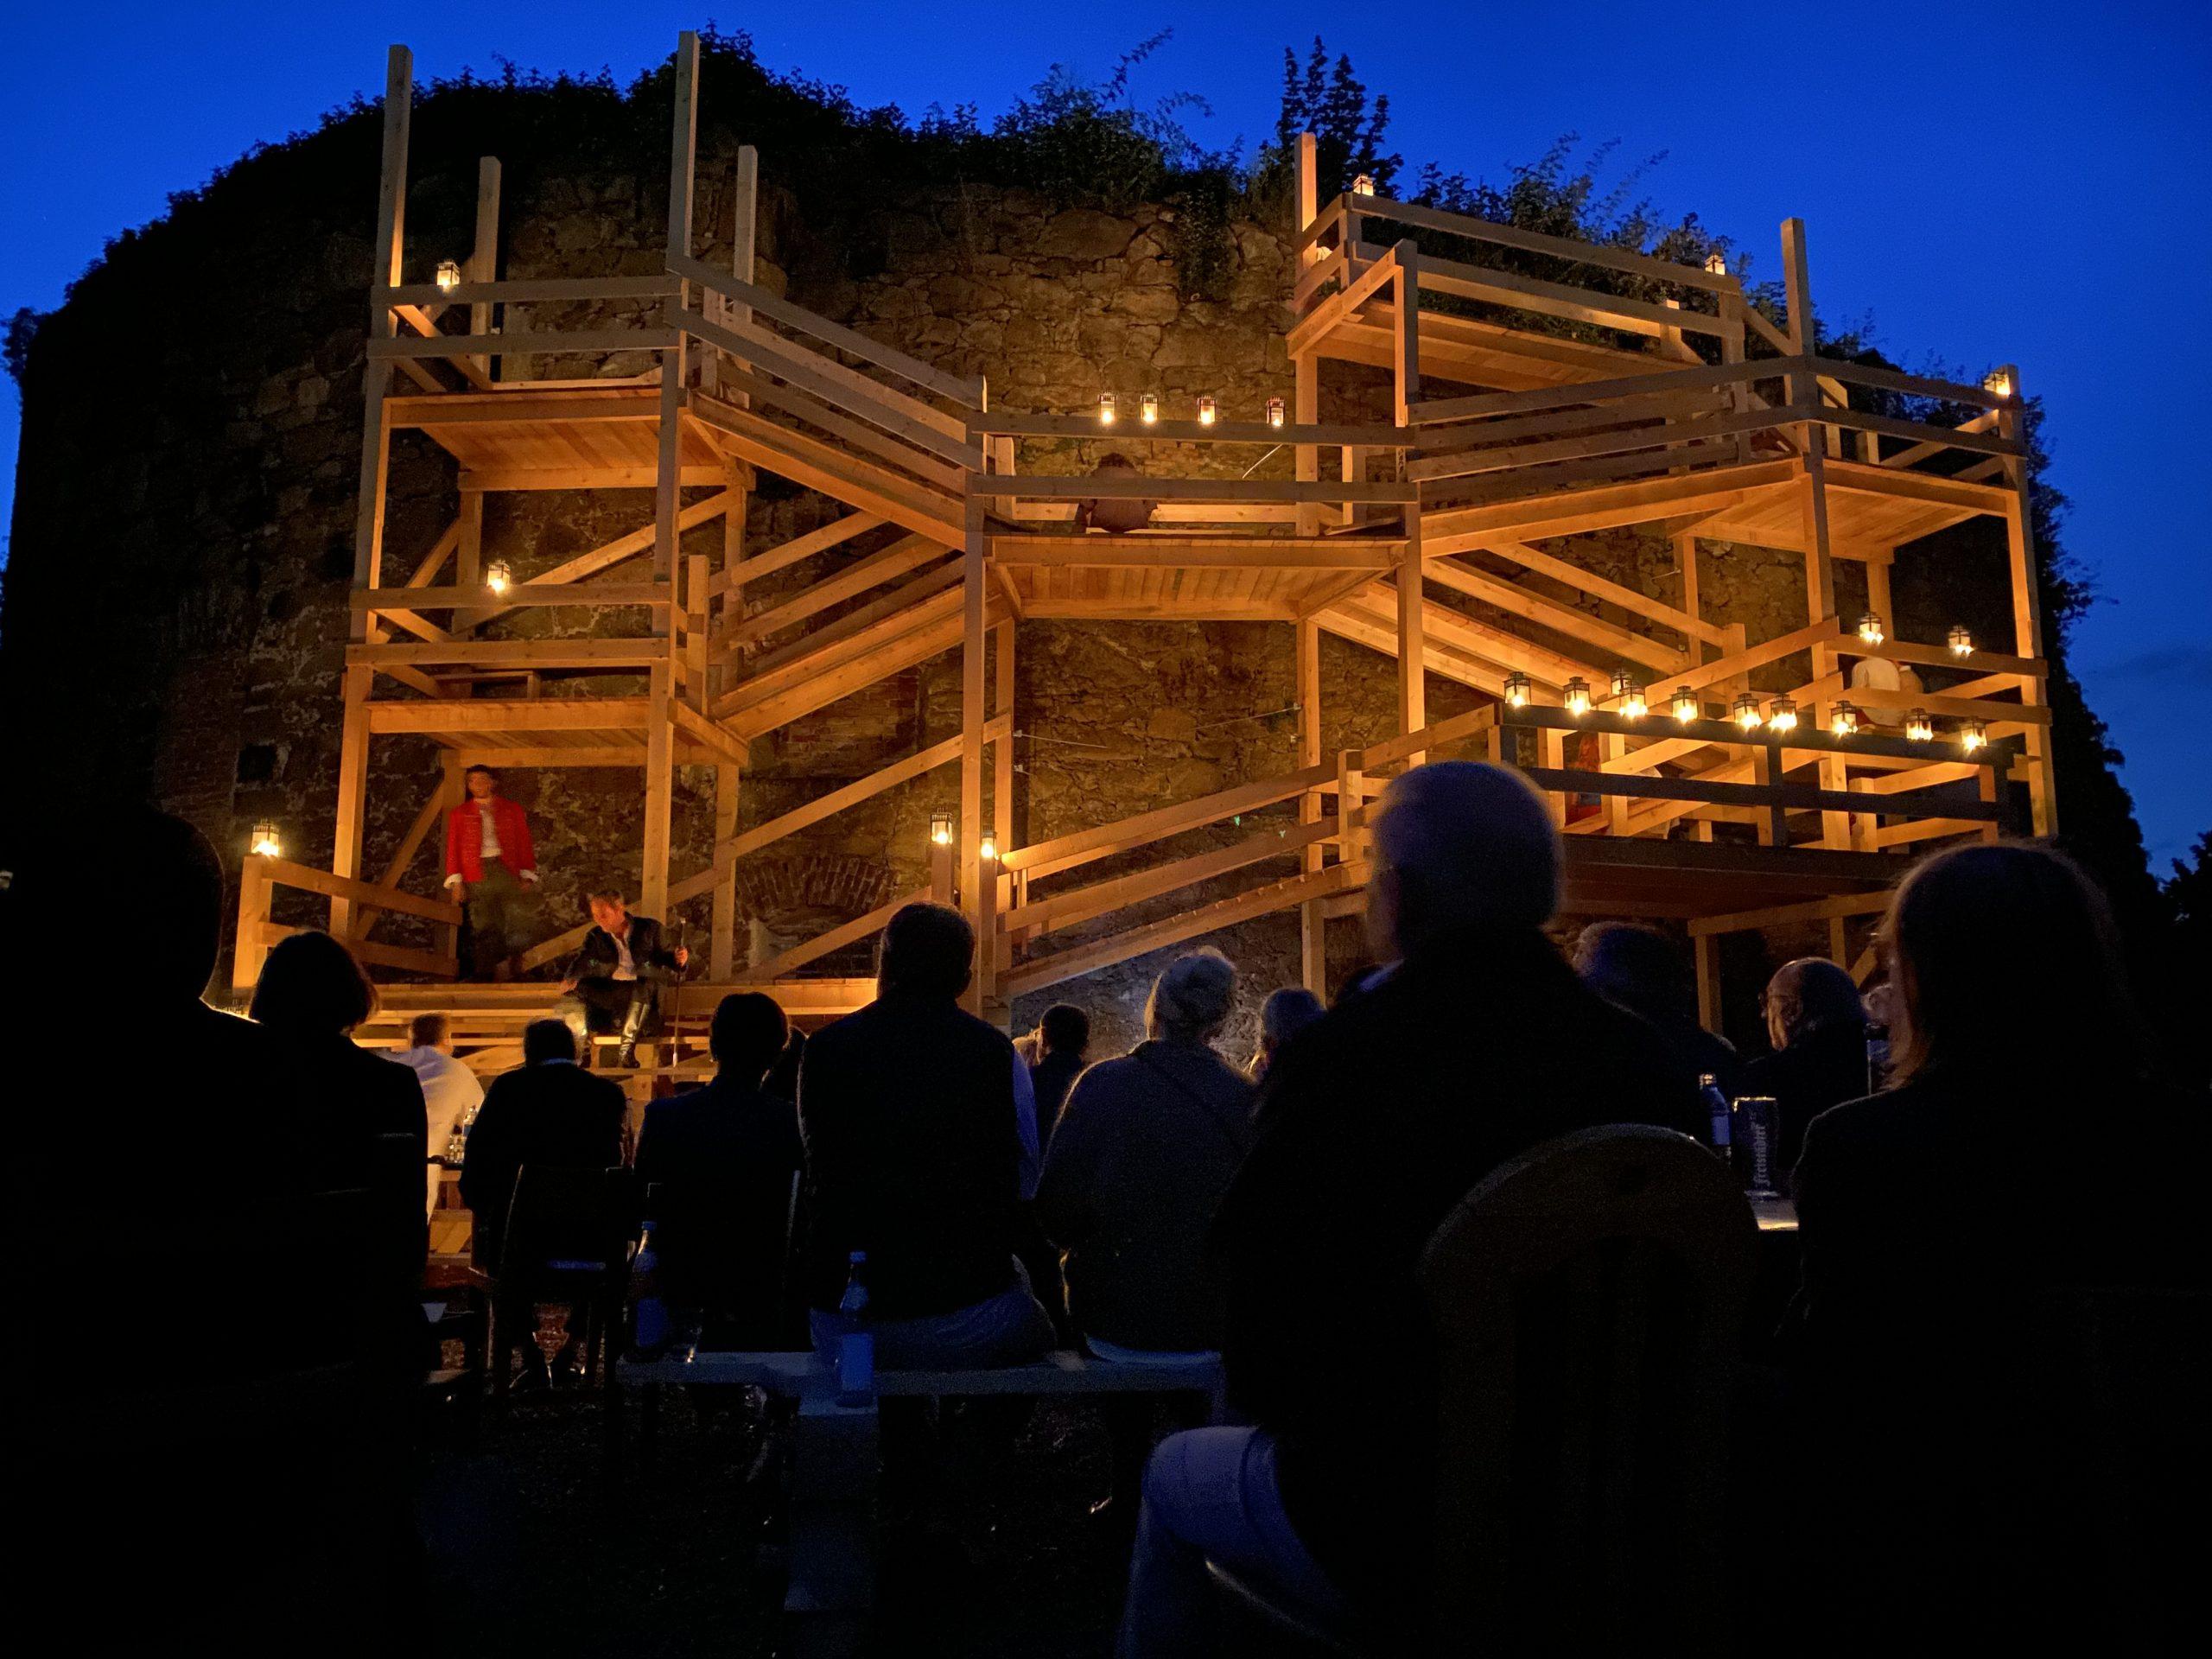 Bühnenbild Sommertheater Linz Viel Lärm um Nichts